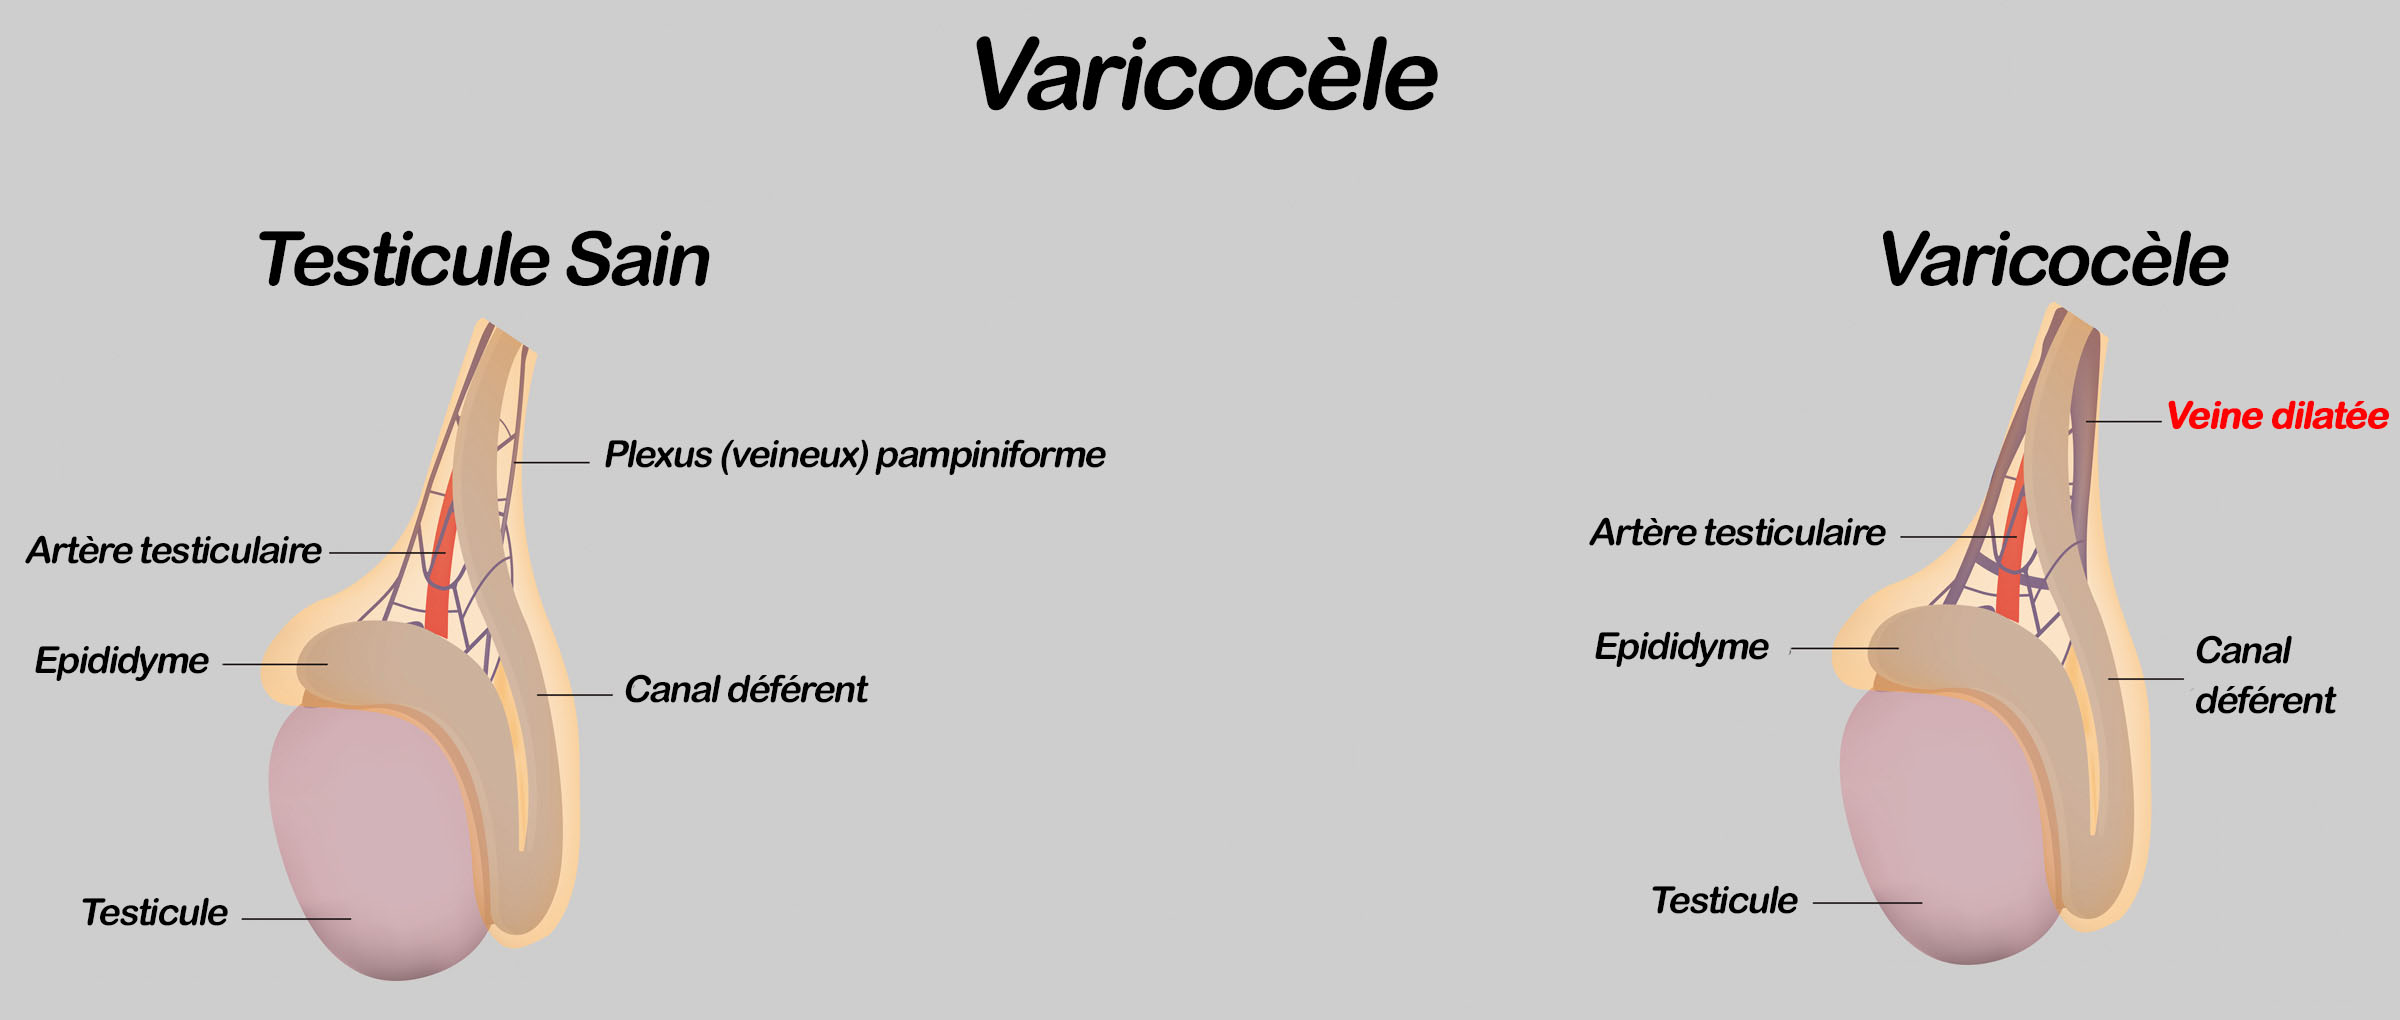 imagesVaricocele-11.jpg